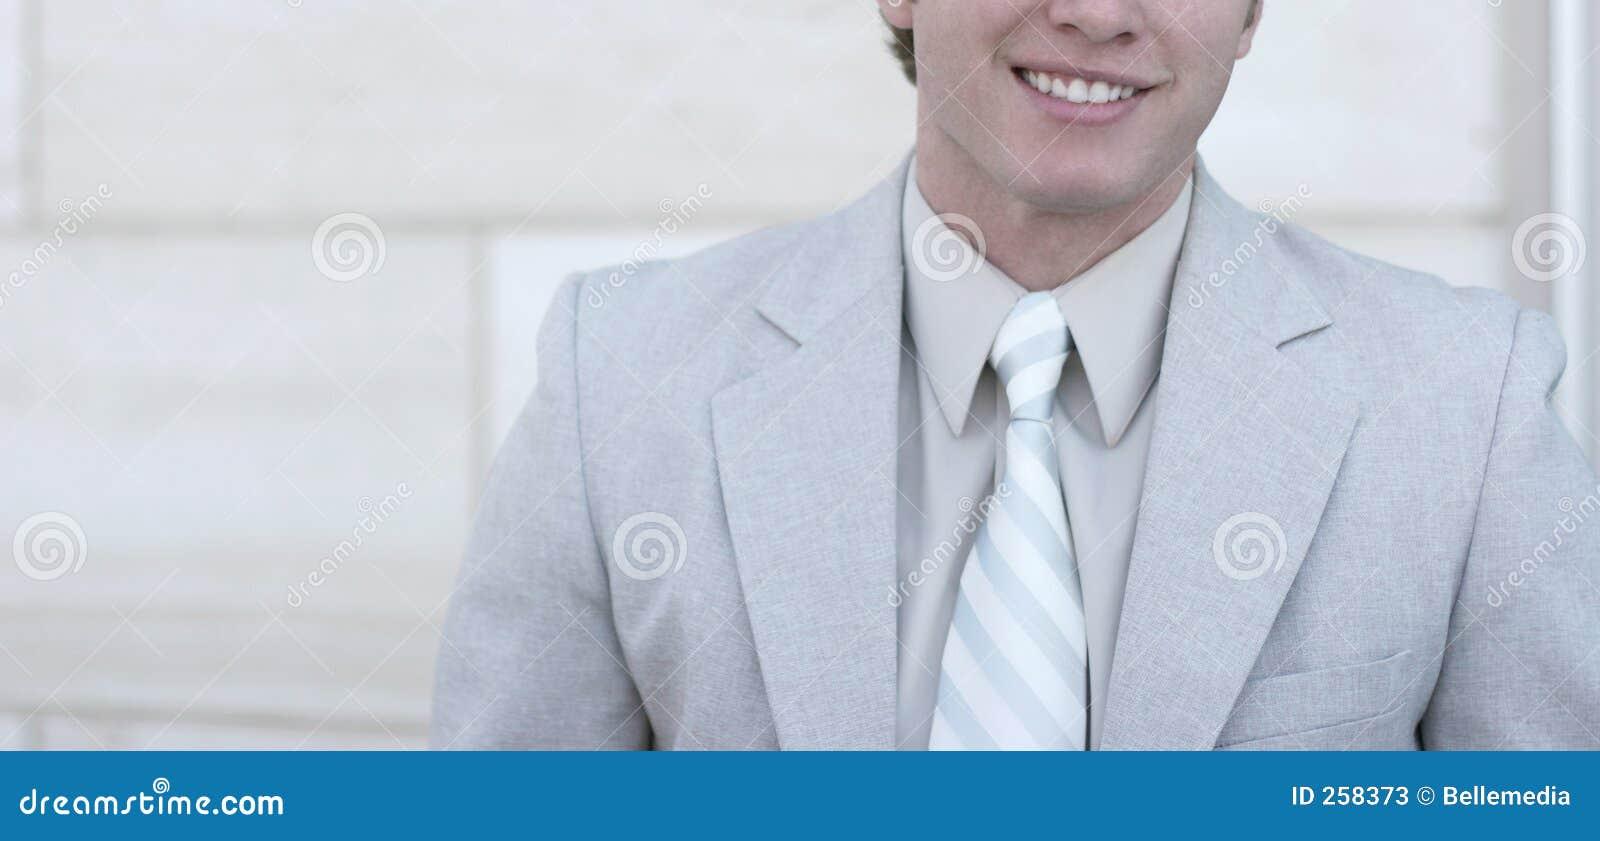 Grote glimlach op de bedrijfsmens